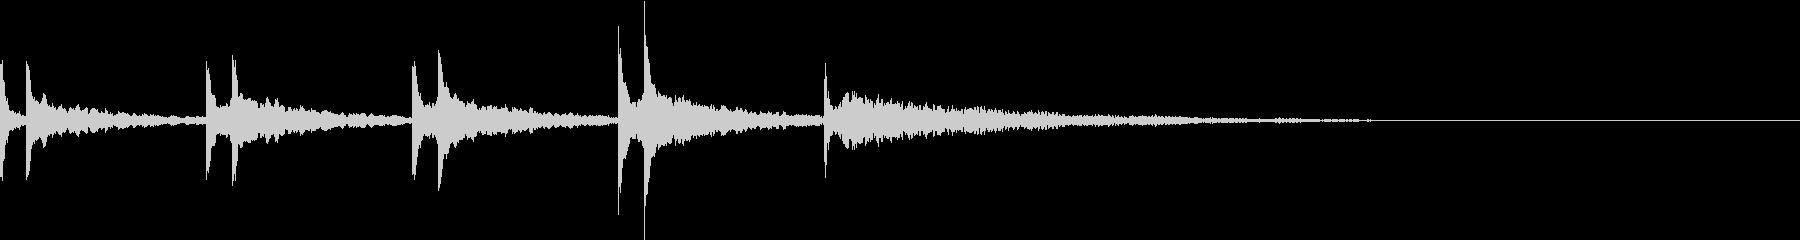 重厚な音色で5秒間カウントダウンしますの未再生の波形